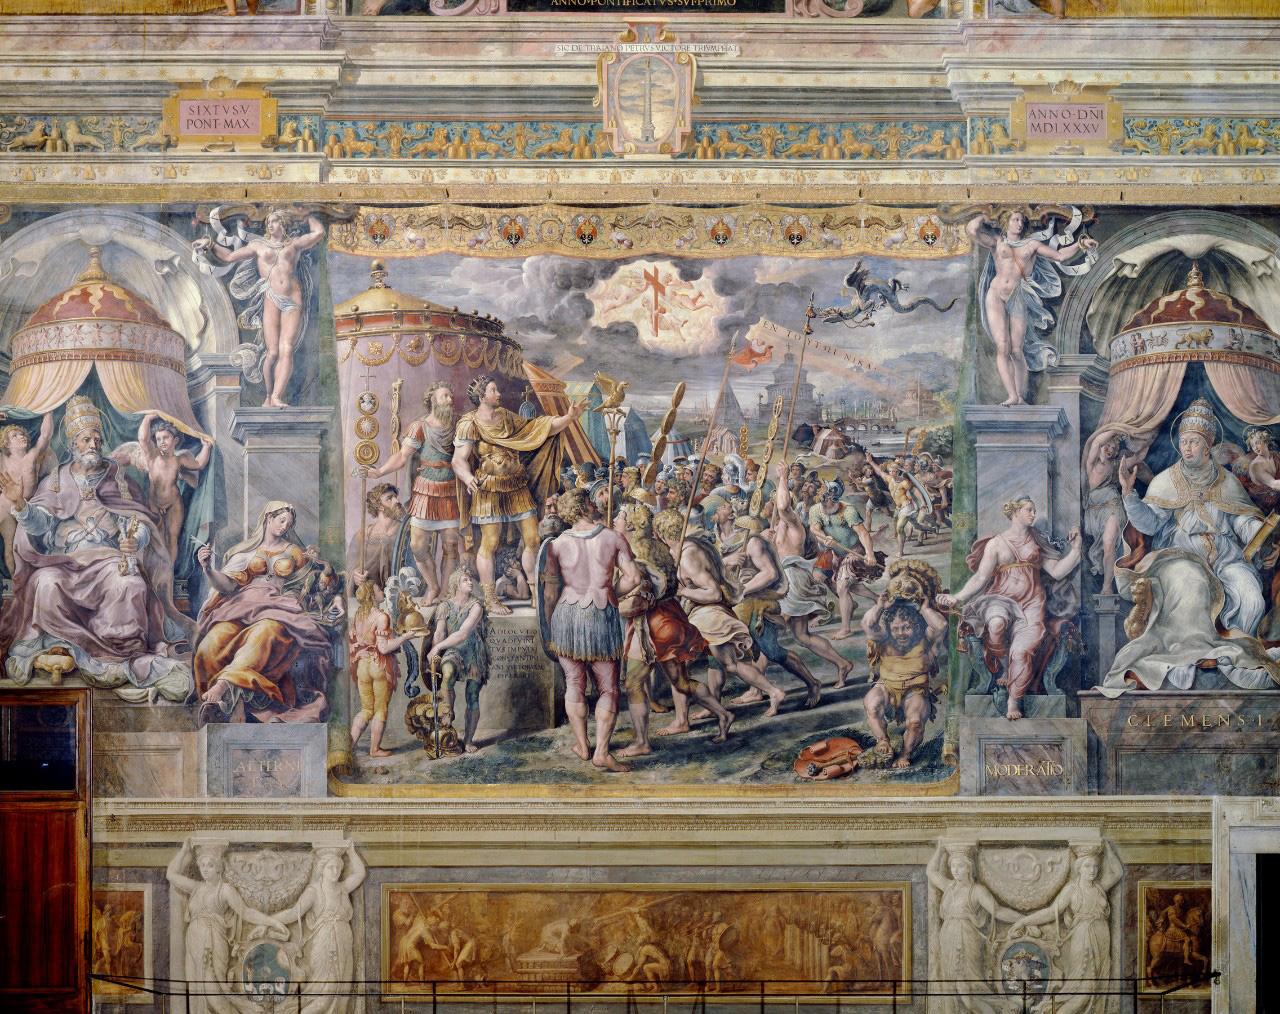 Salle de Constantin, au Vatican. Sur la droite, la figure de l'Allégorie de la Modération. © Musei Vaticani